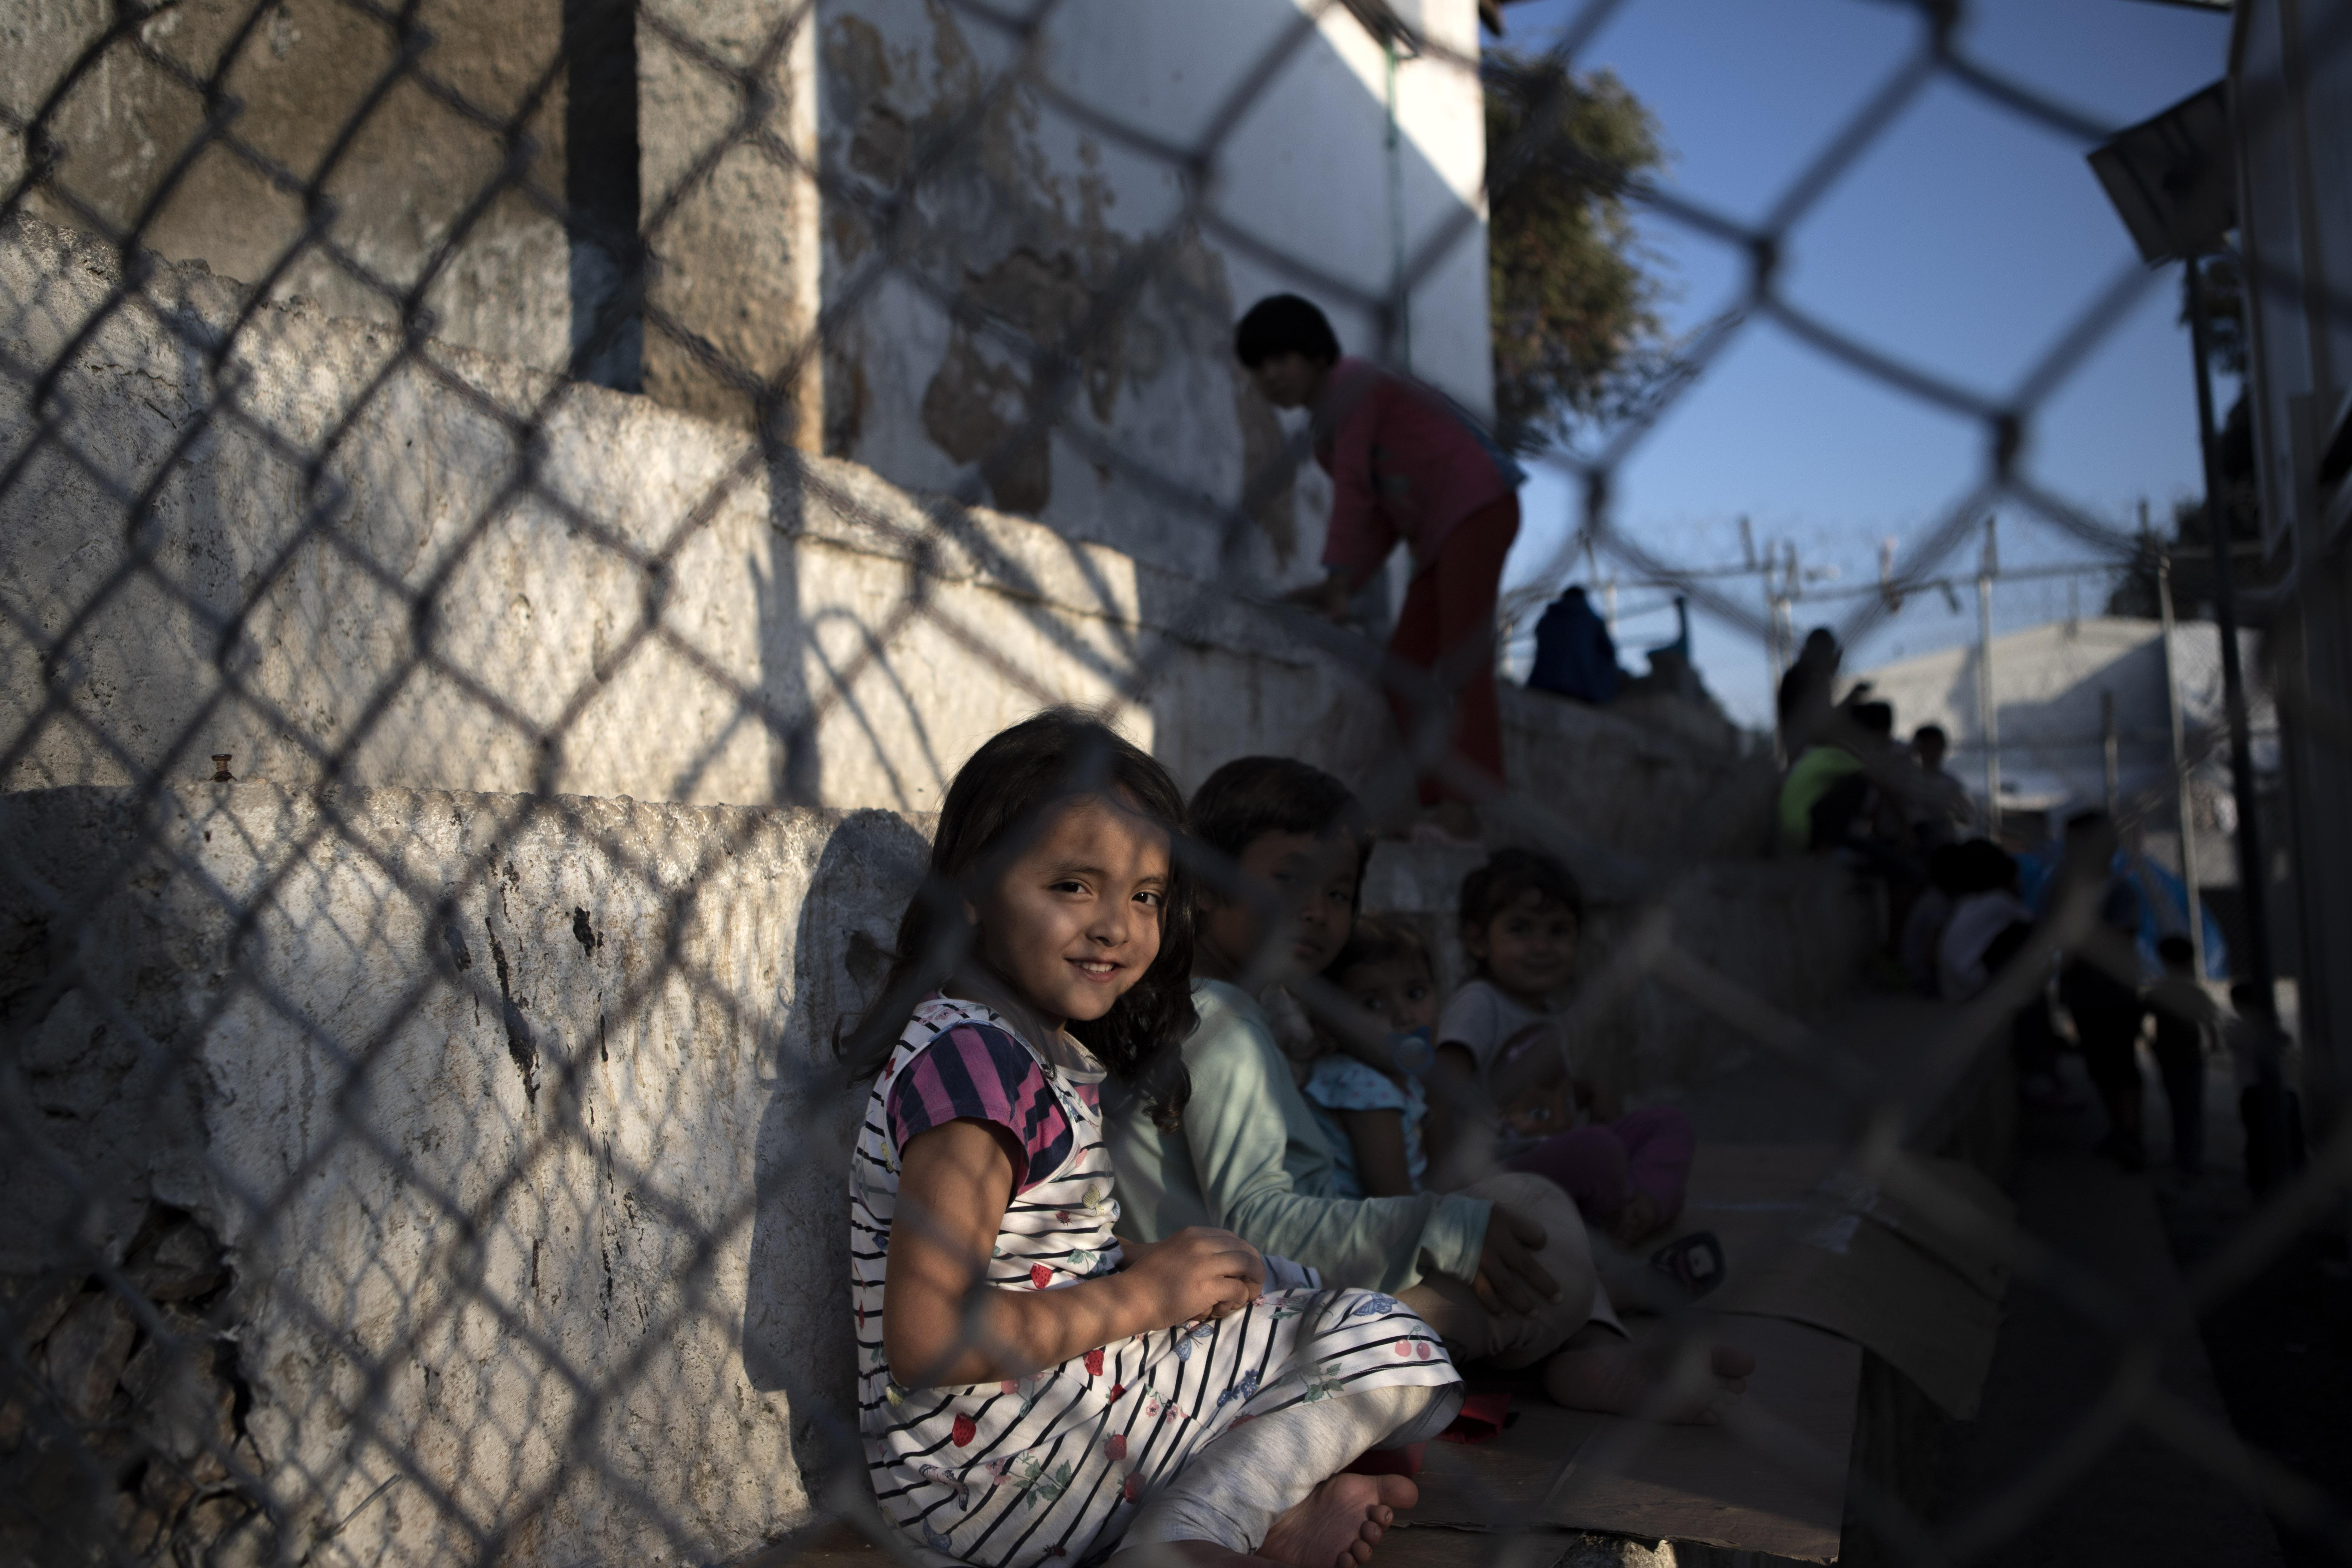 Az új görög kormány szigorította a menekülttörvényt